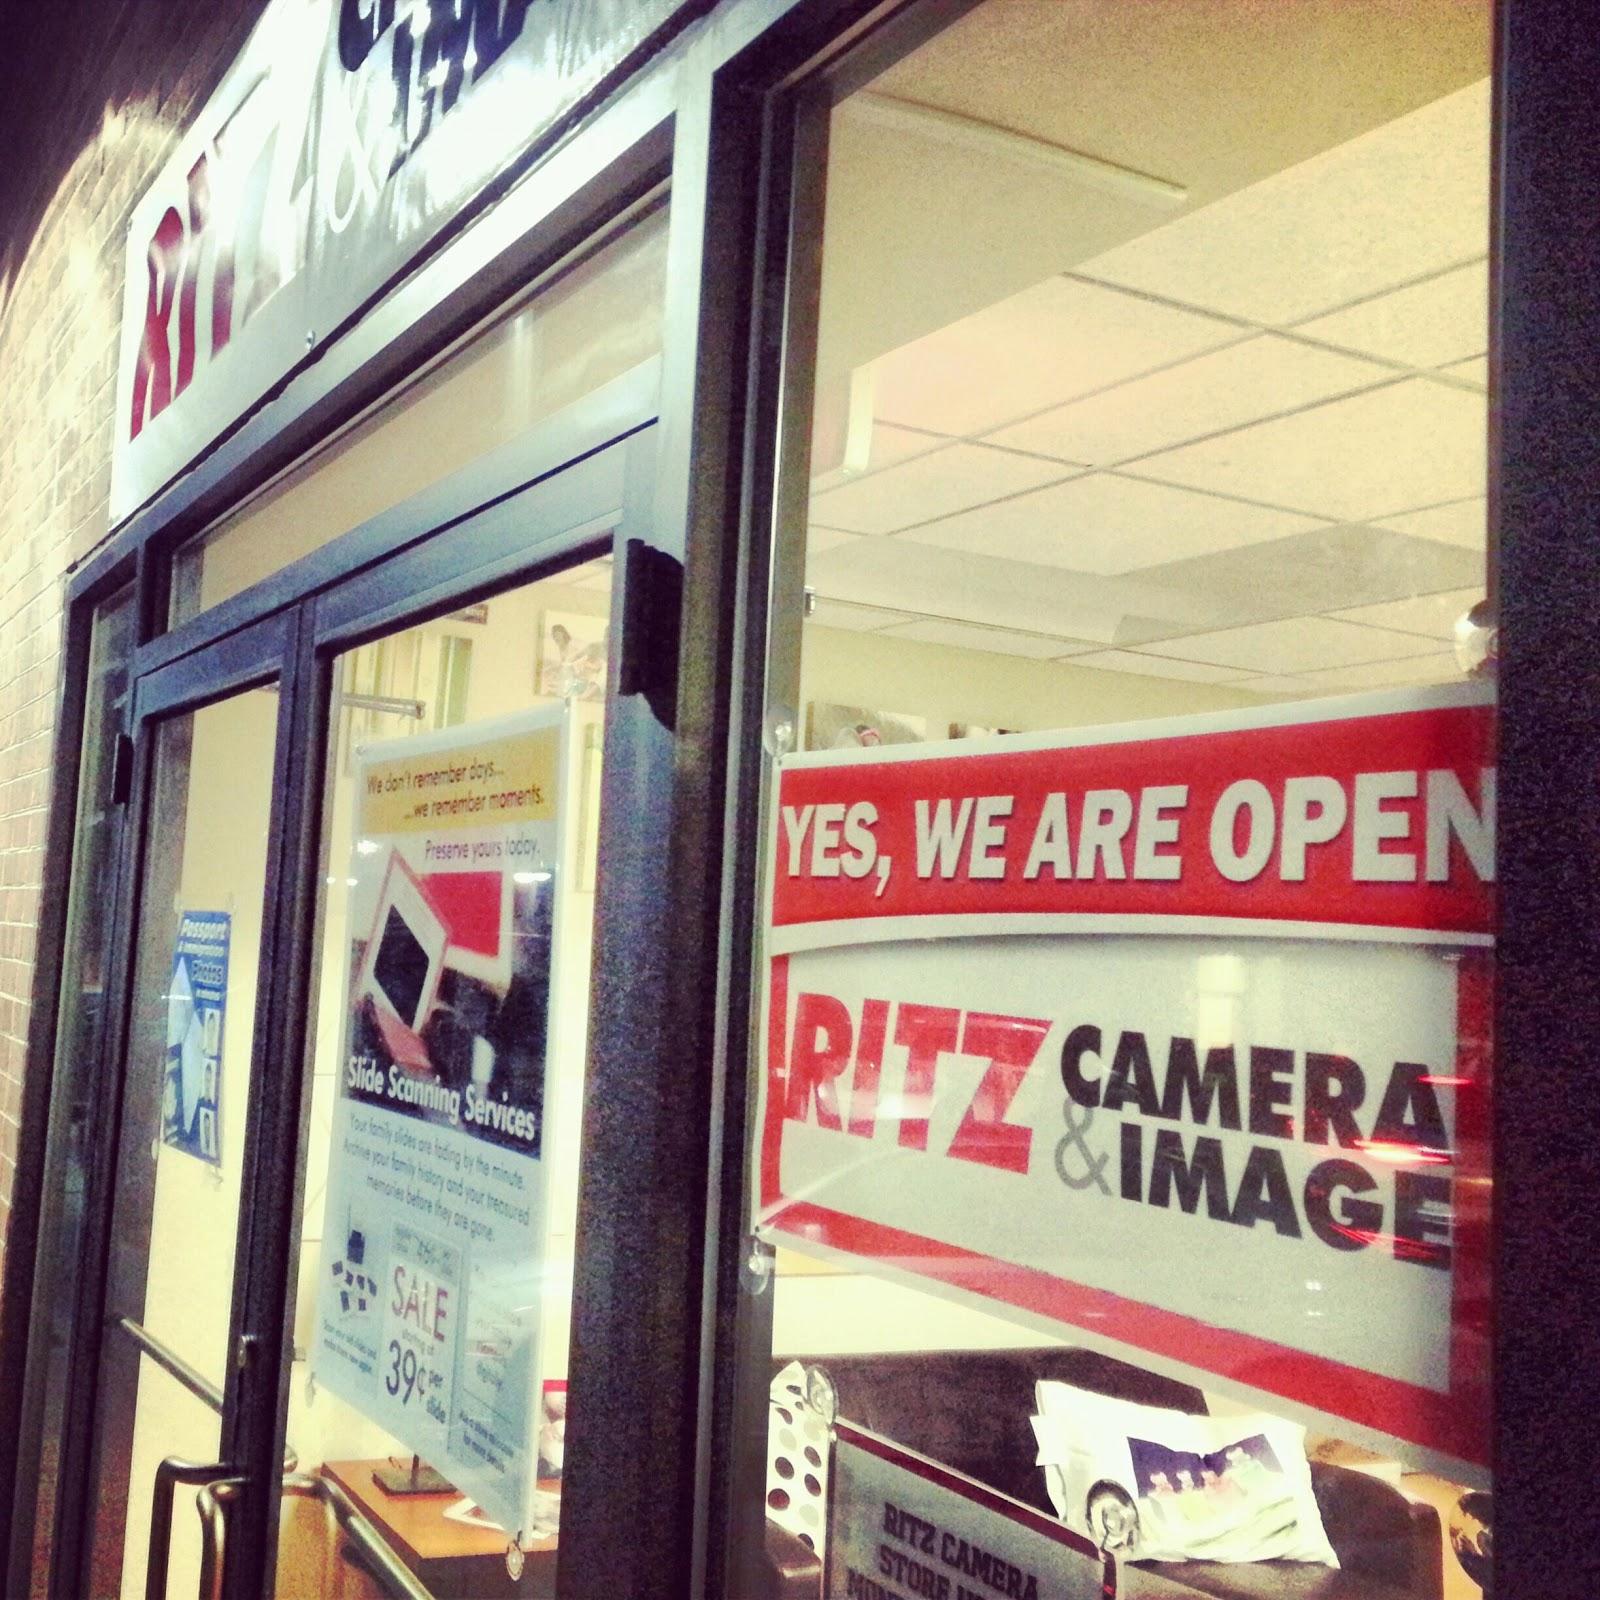 Robert Dyer @ Bethesda Row: RITZ CAMERA OPENS IN NEW